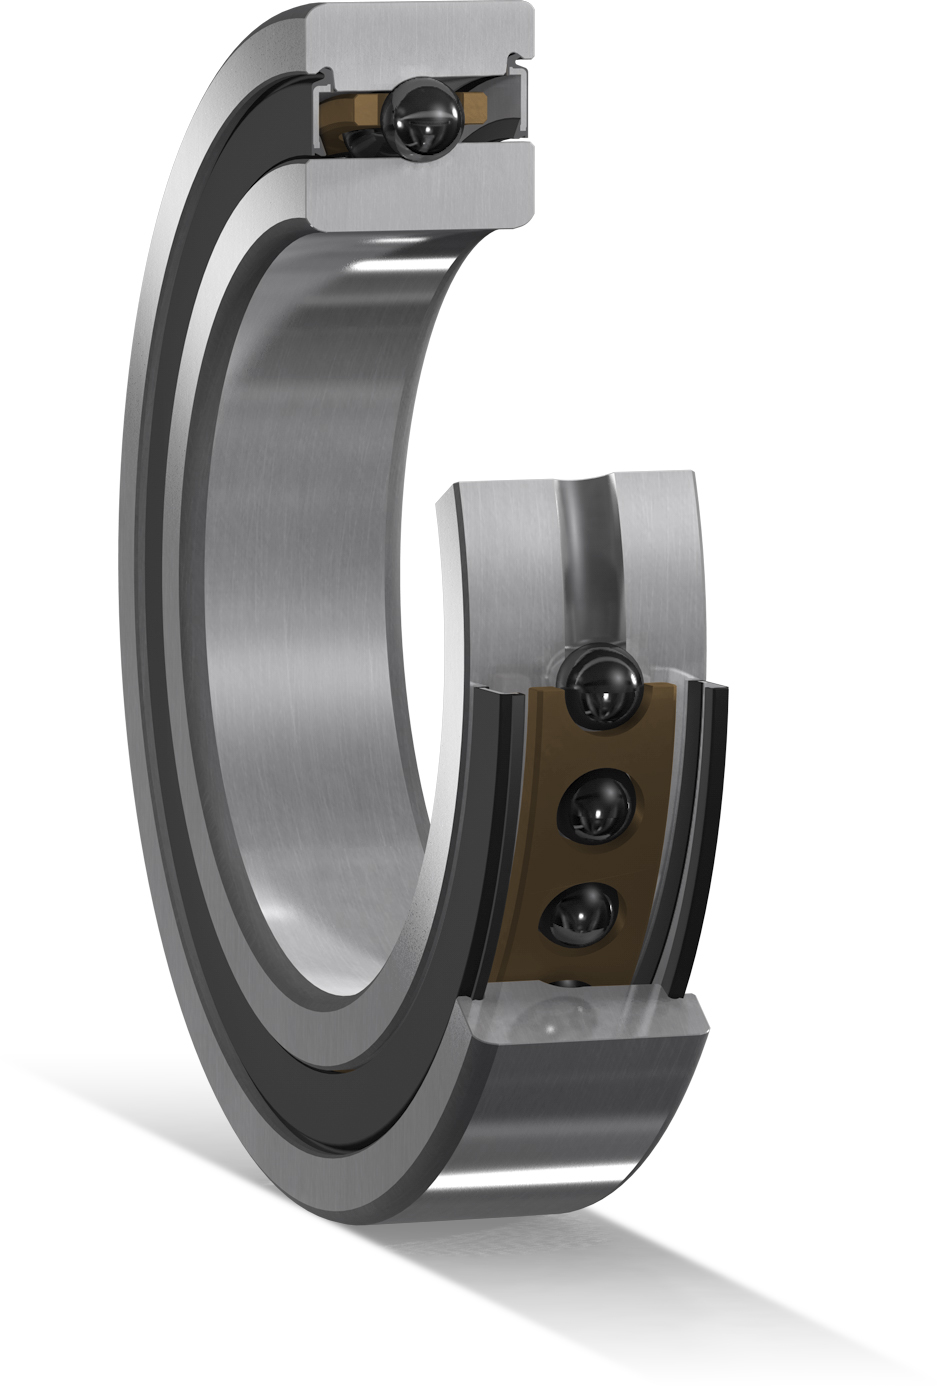 Roulement de Super Précision NitroMaxTM